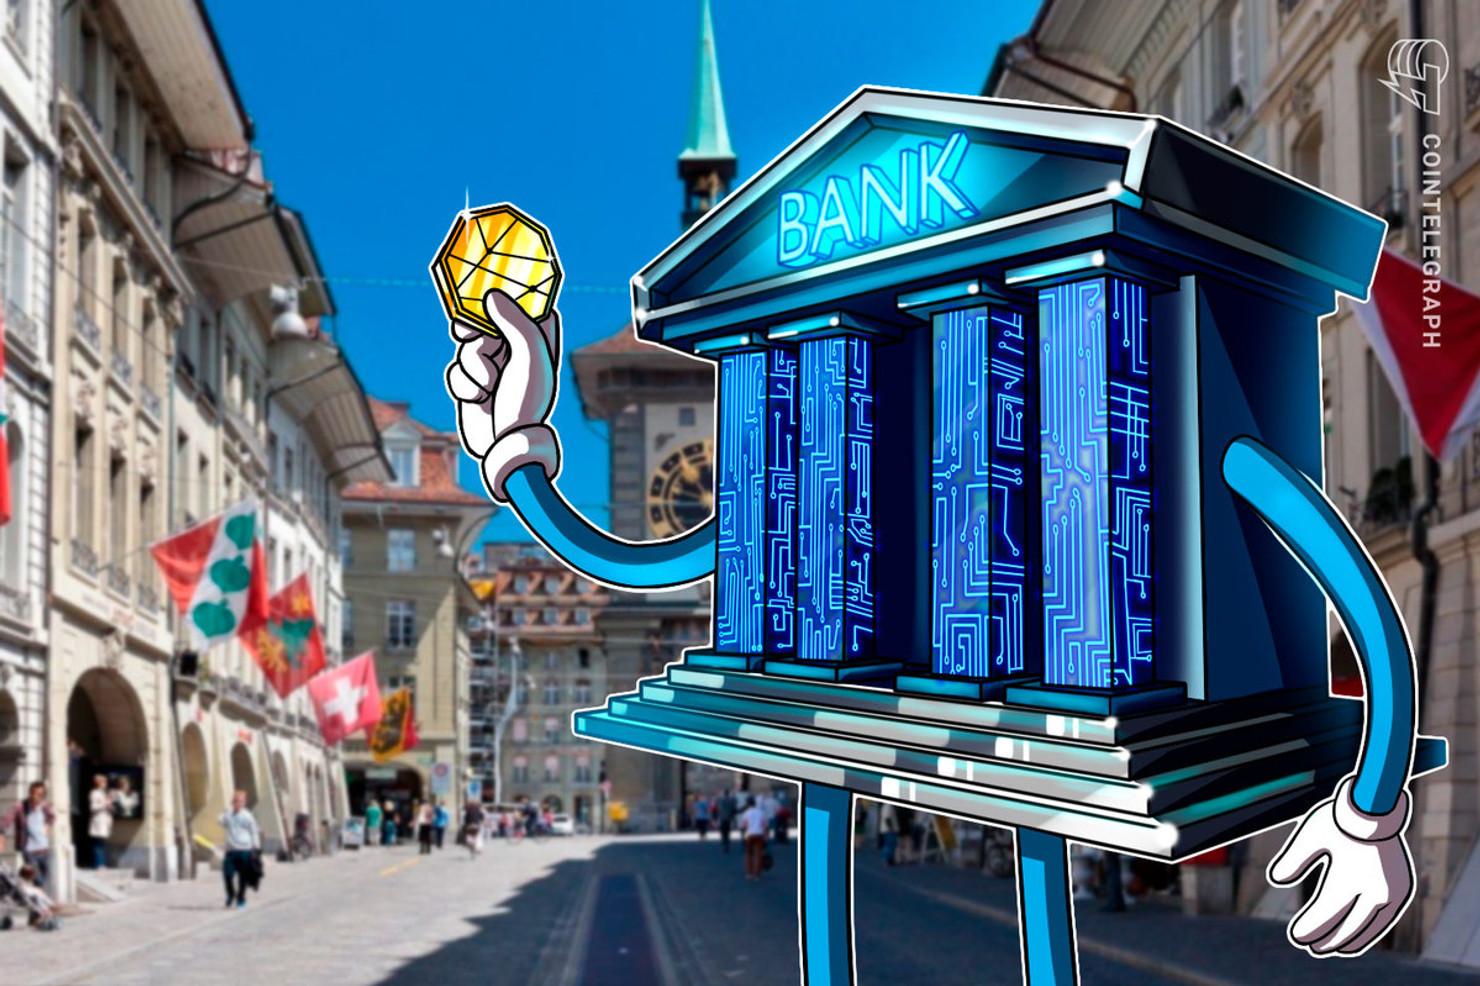 スイス拠点の仮想通貨銀行SEBA、新たに100億円超の資金調達を計画【ニュース】